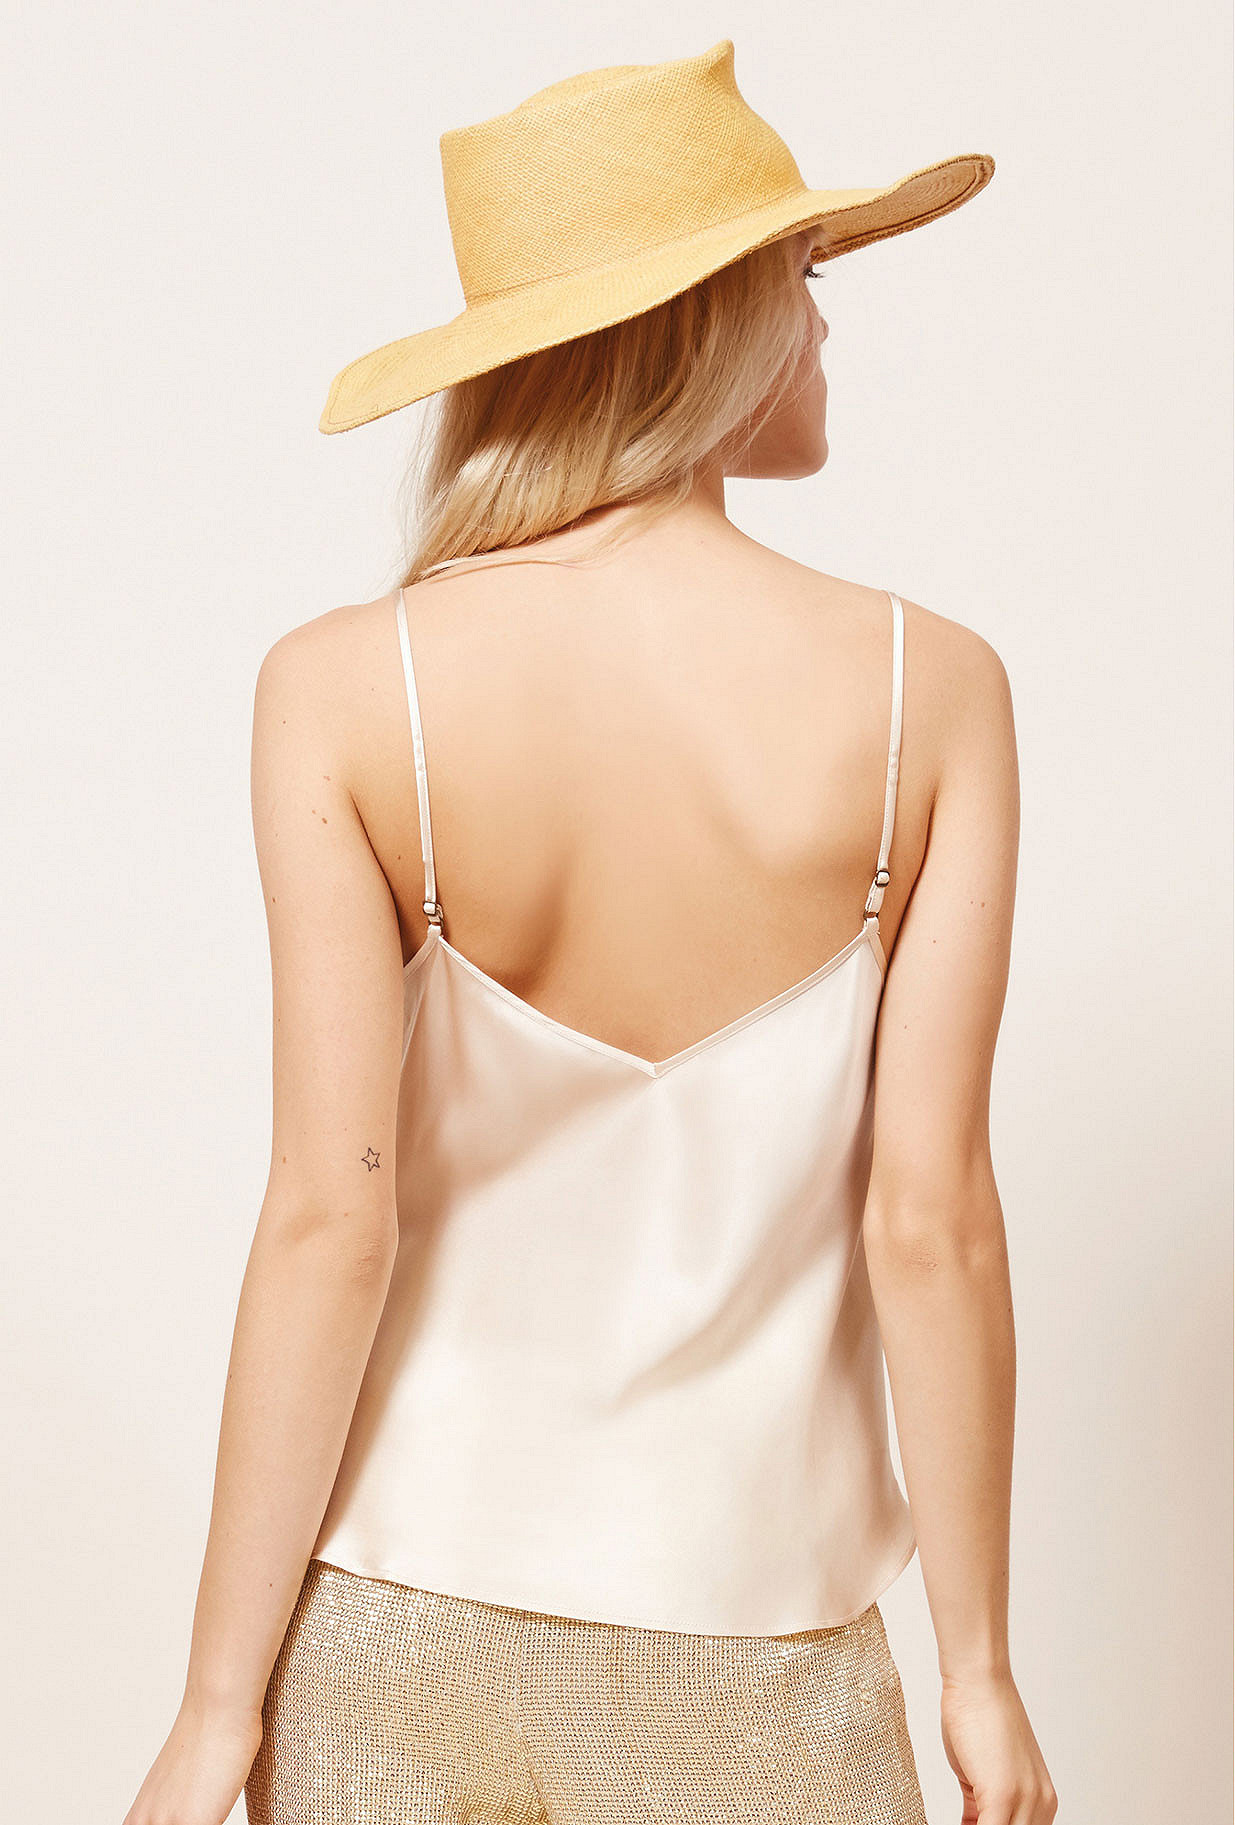 Paris boutique de mode vêtement Top créateur bohème  Genette